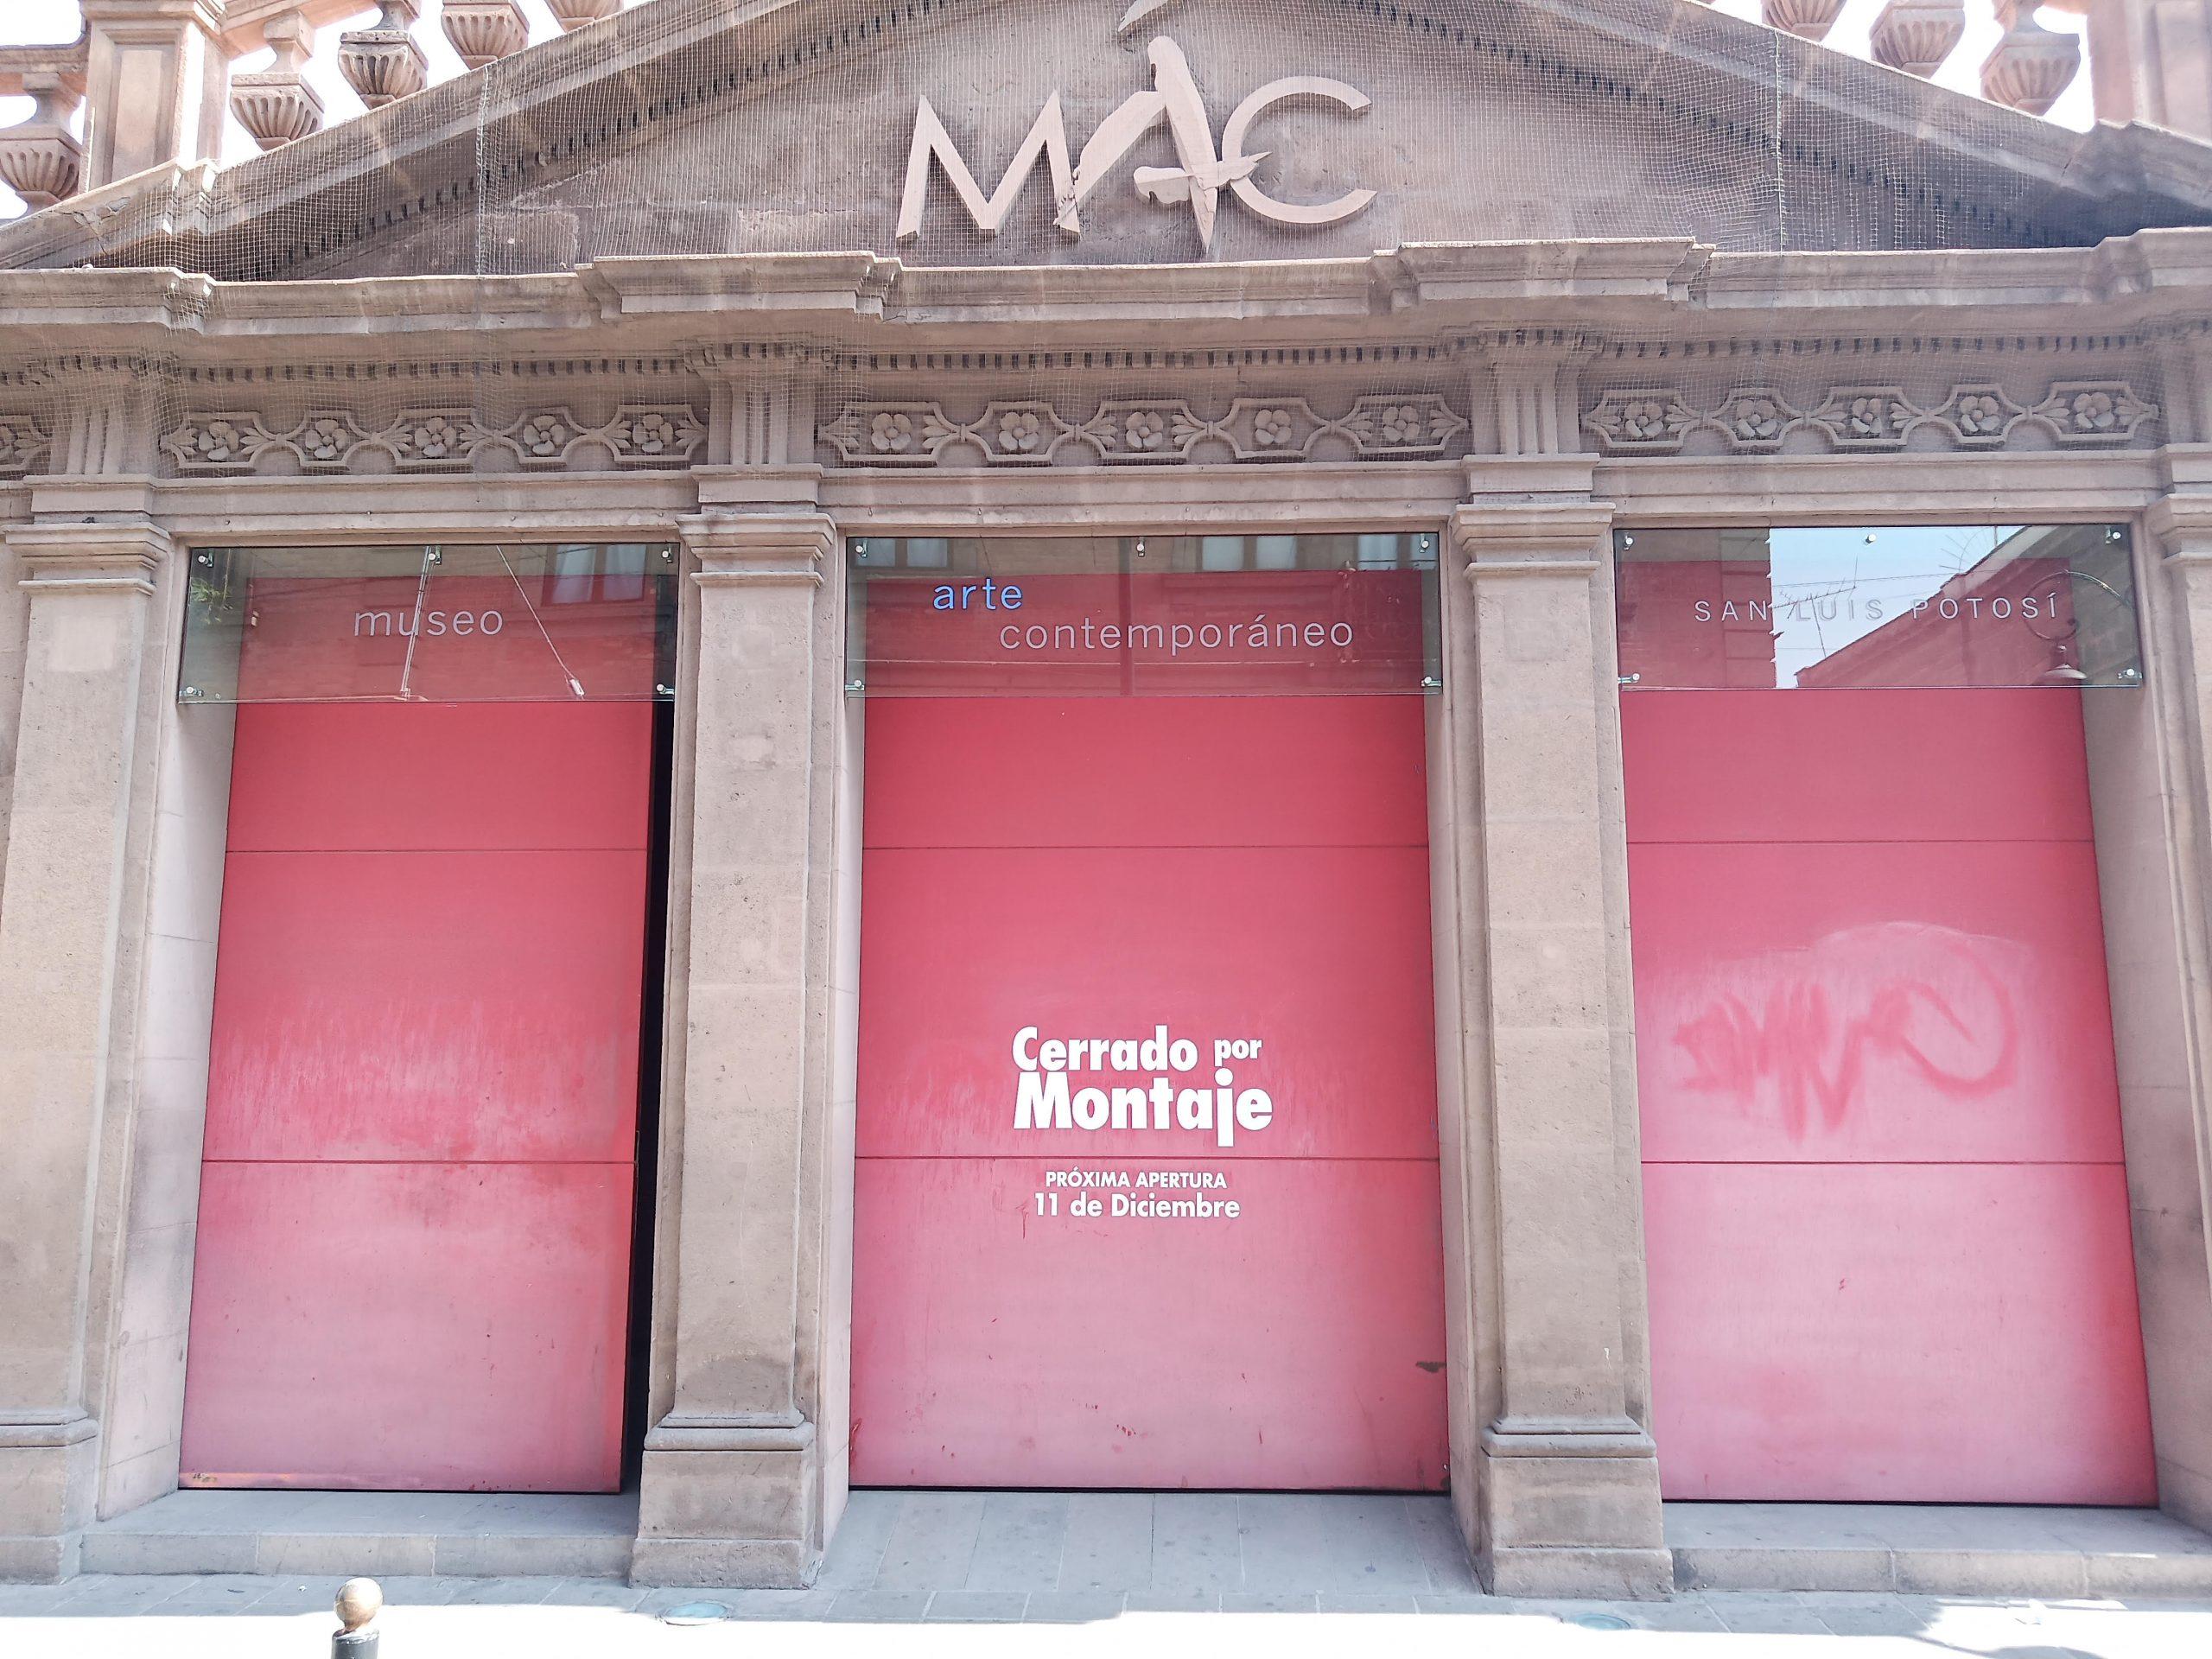 El Museo de Arte Contemporáneo permanecerá cerrado a causa de montaje por nueva exposición